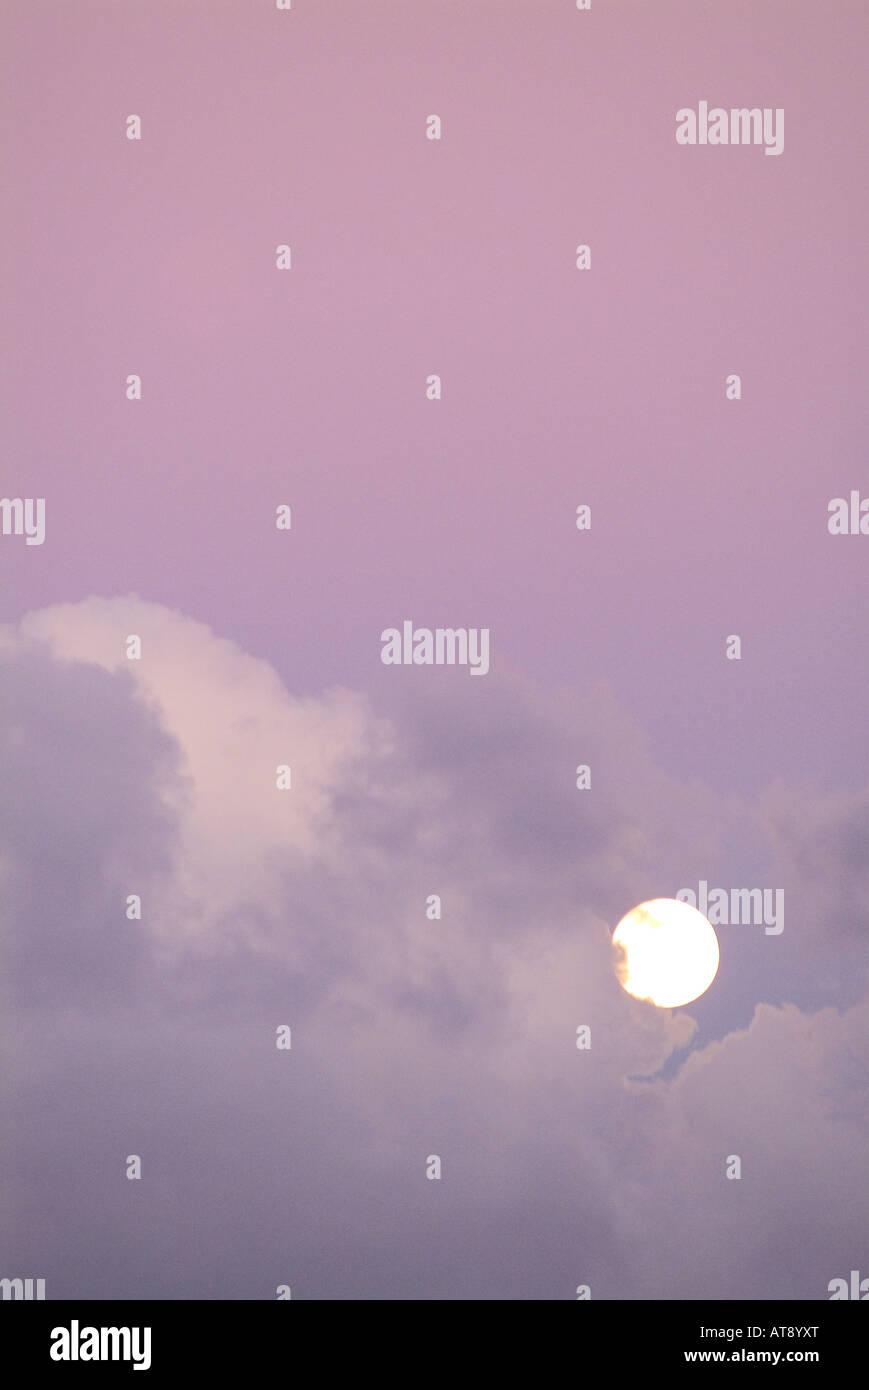 La luz de la luna llena en un cielo con lavanda hinchadas nubes blandas Foto de stock